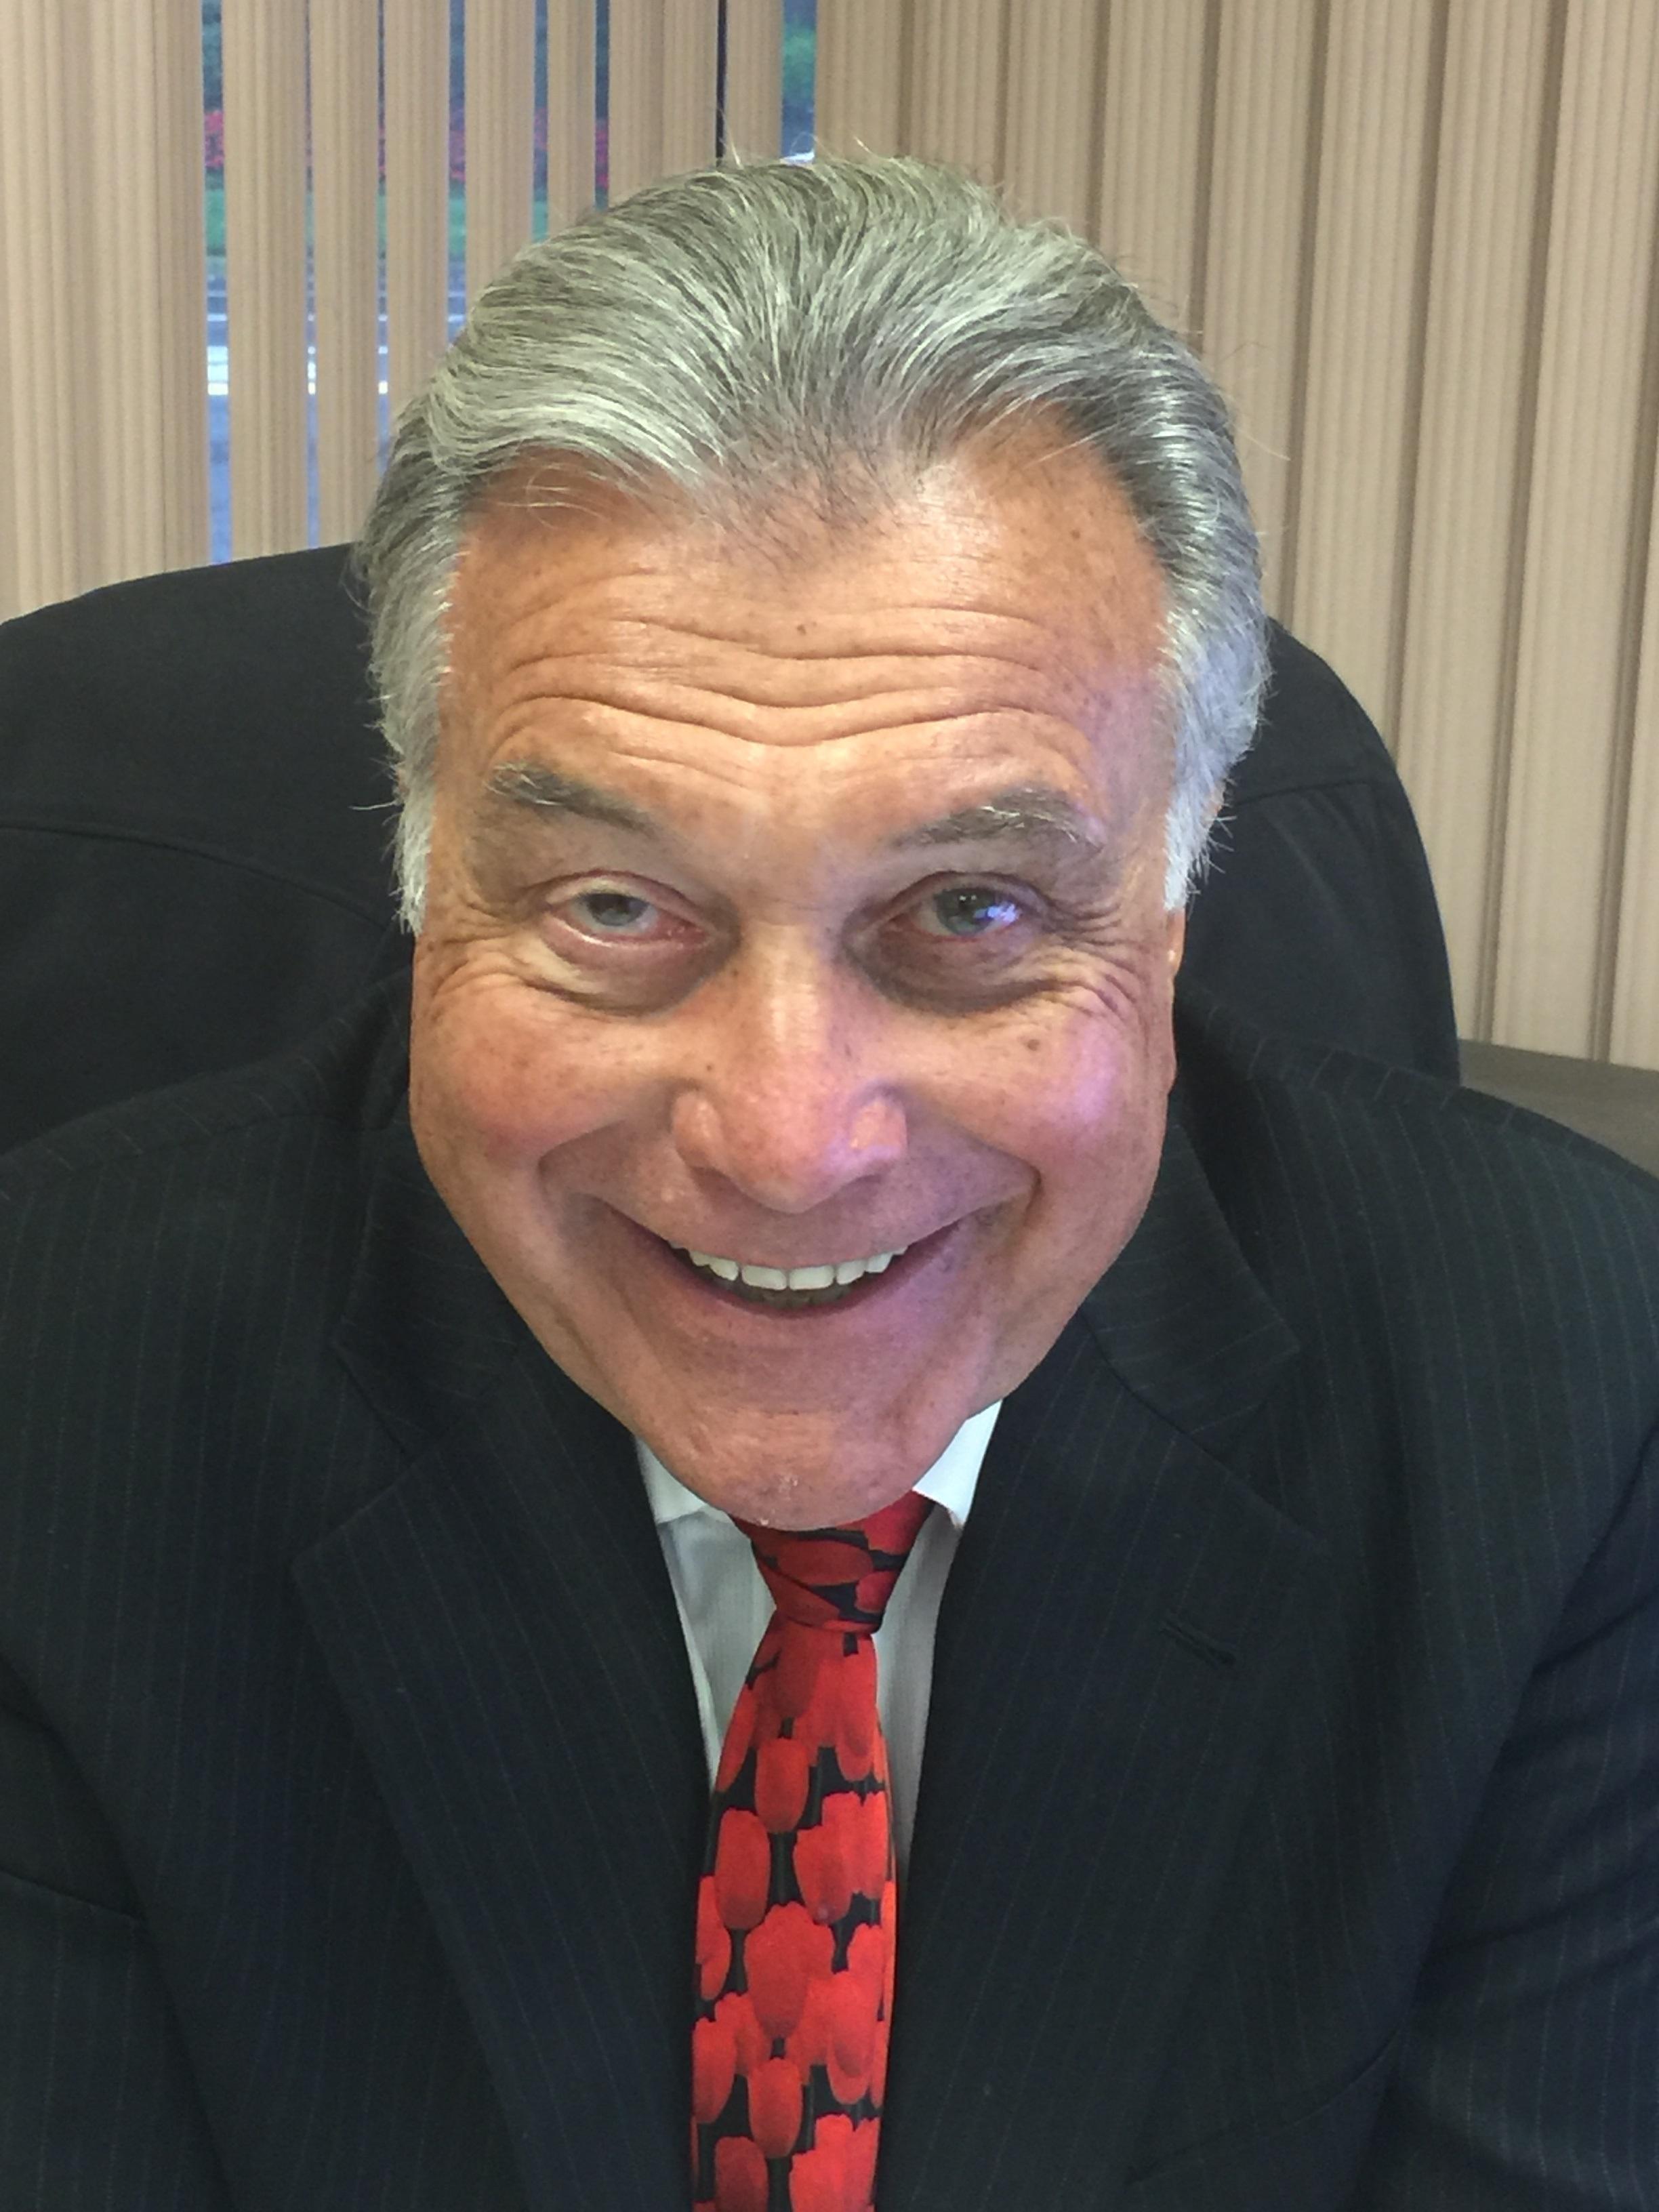 Daniel Corsaro: Allstate Insurance image 3